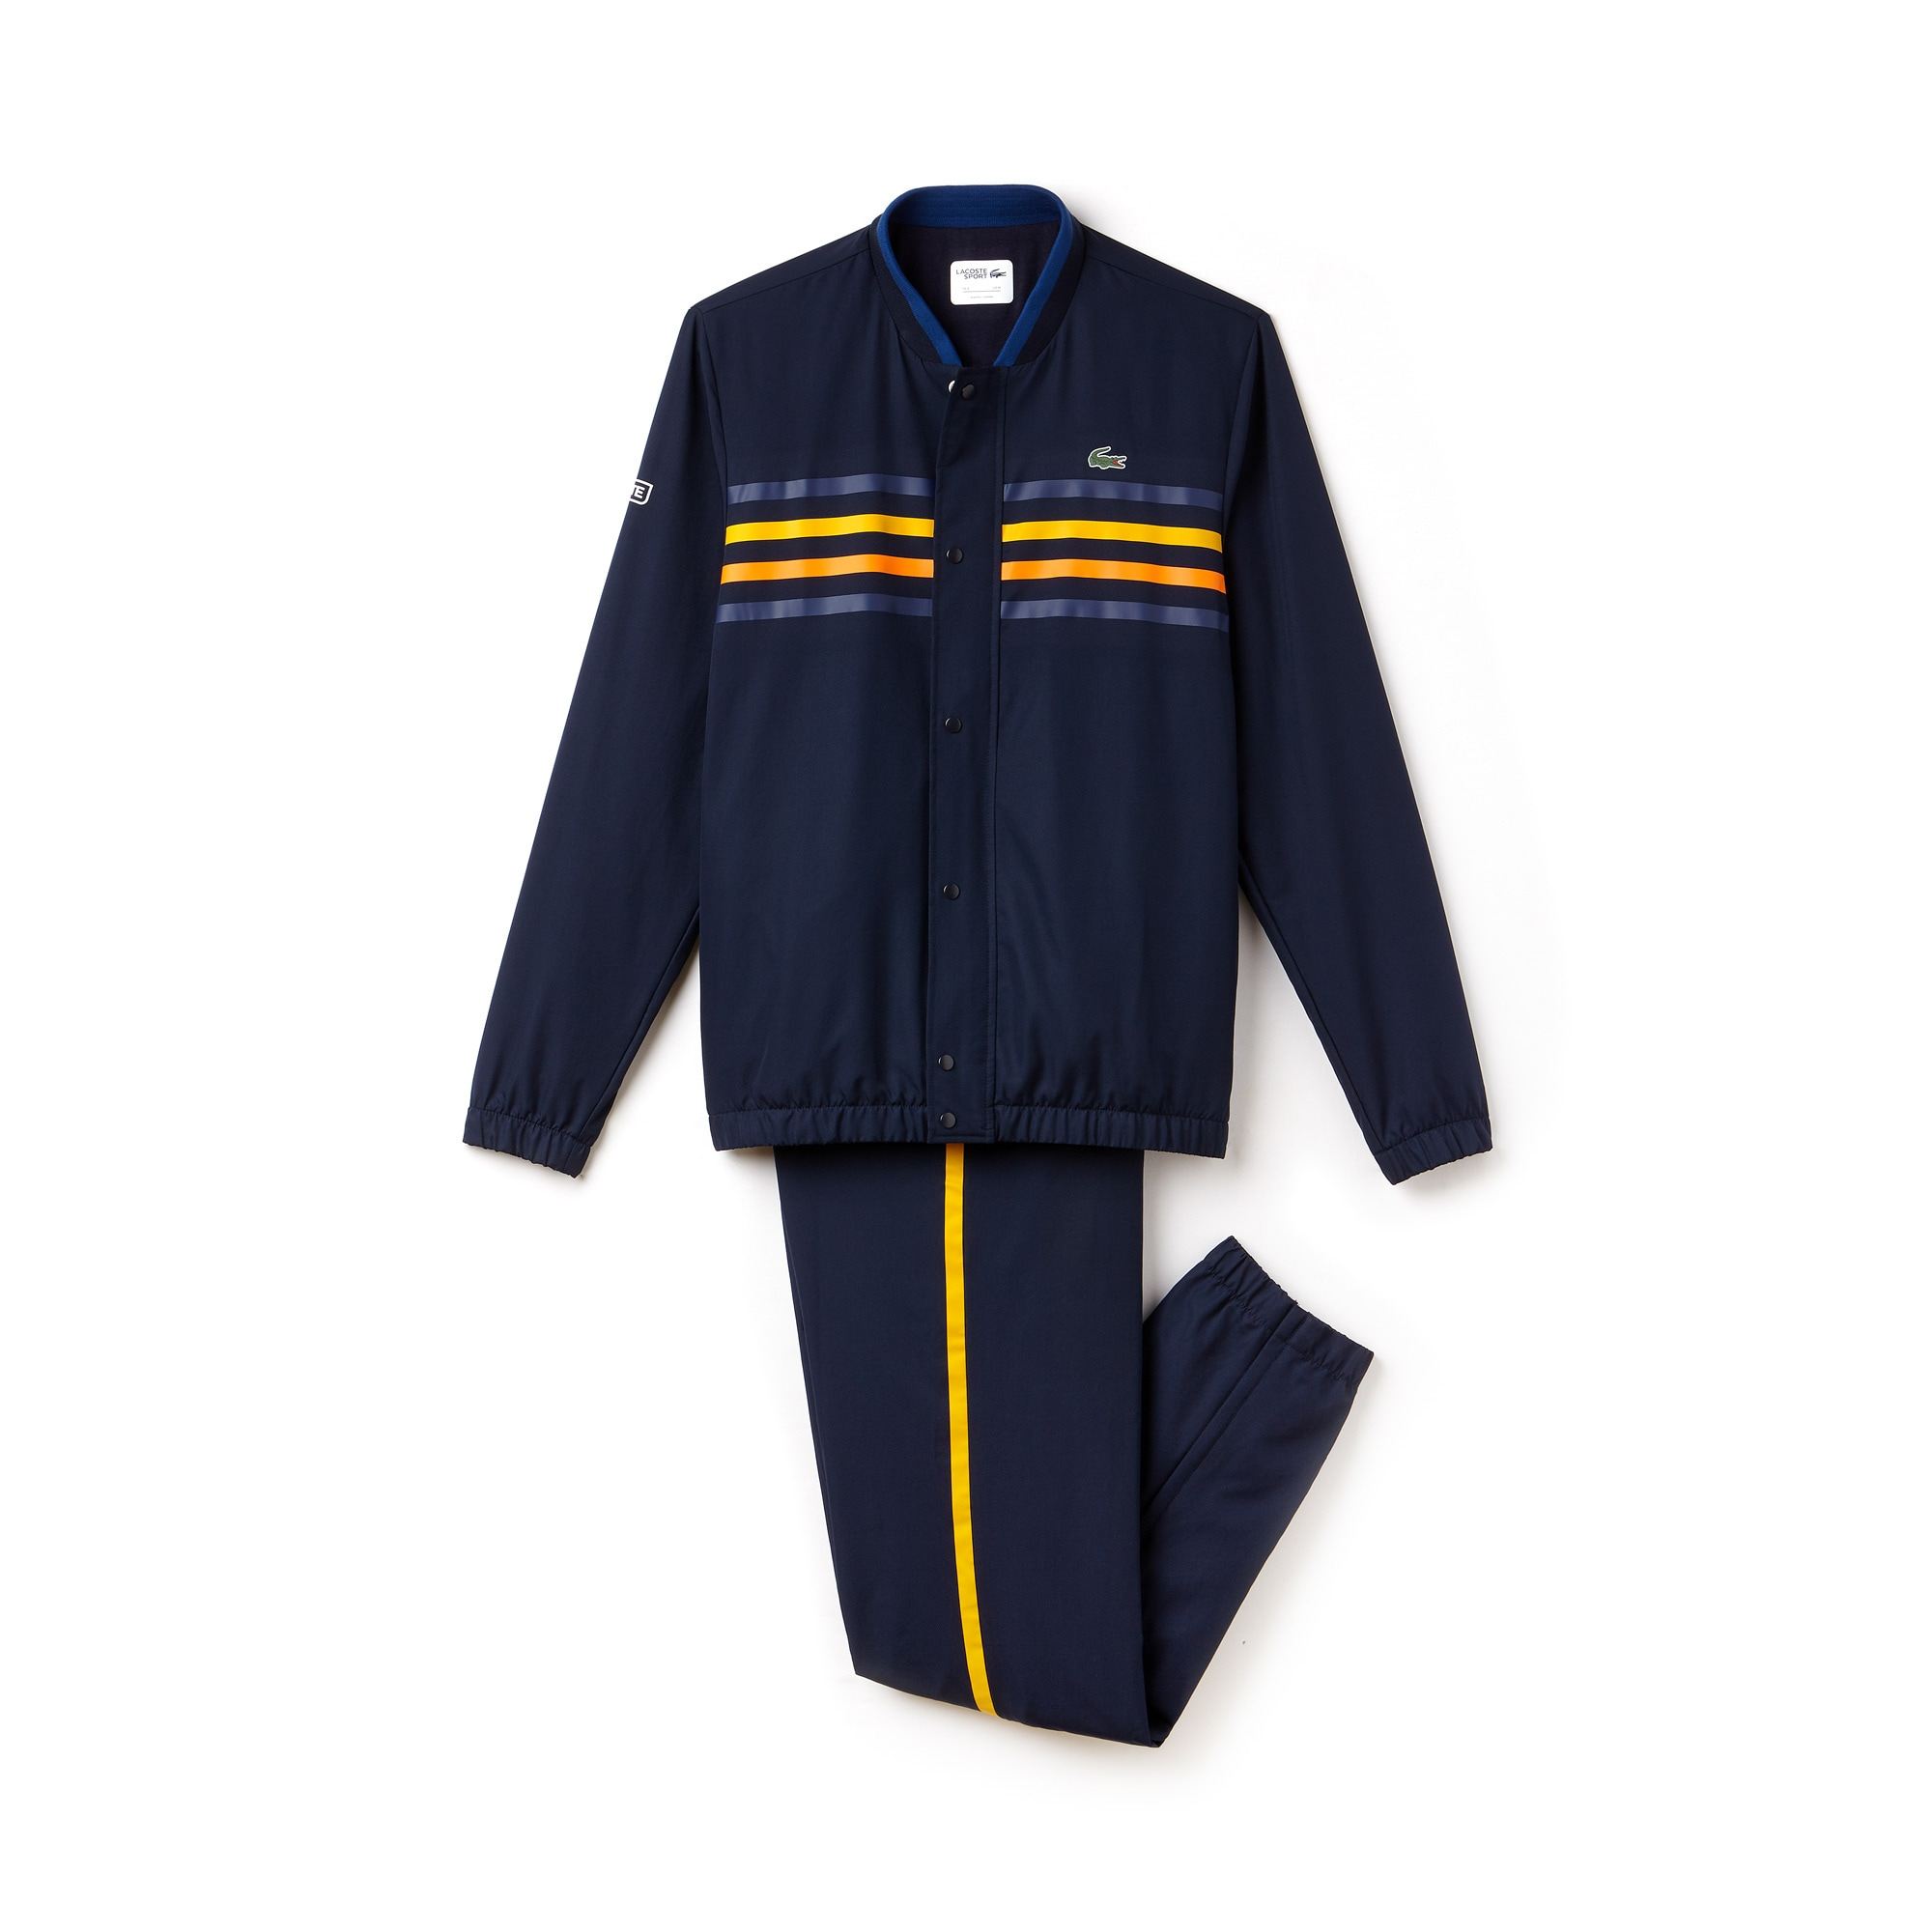 라코스테 스포츠 트랙 수트 Lacoste Mens SPORT Colored Bands Tennis Tracksuit,navy blue/marino-buttercu